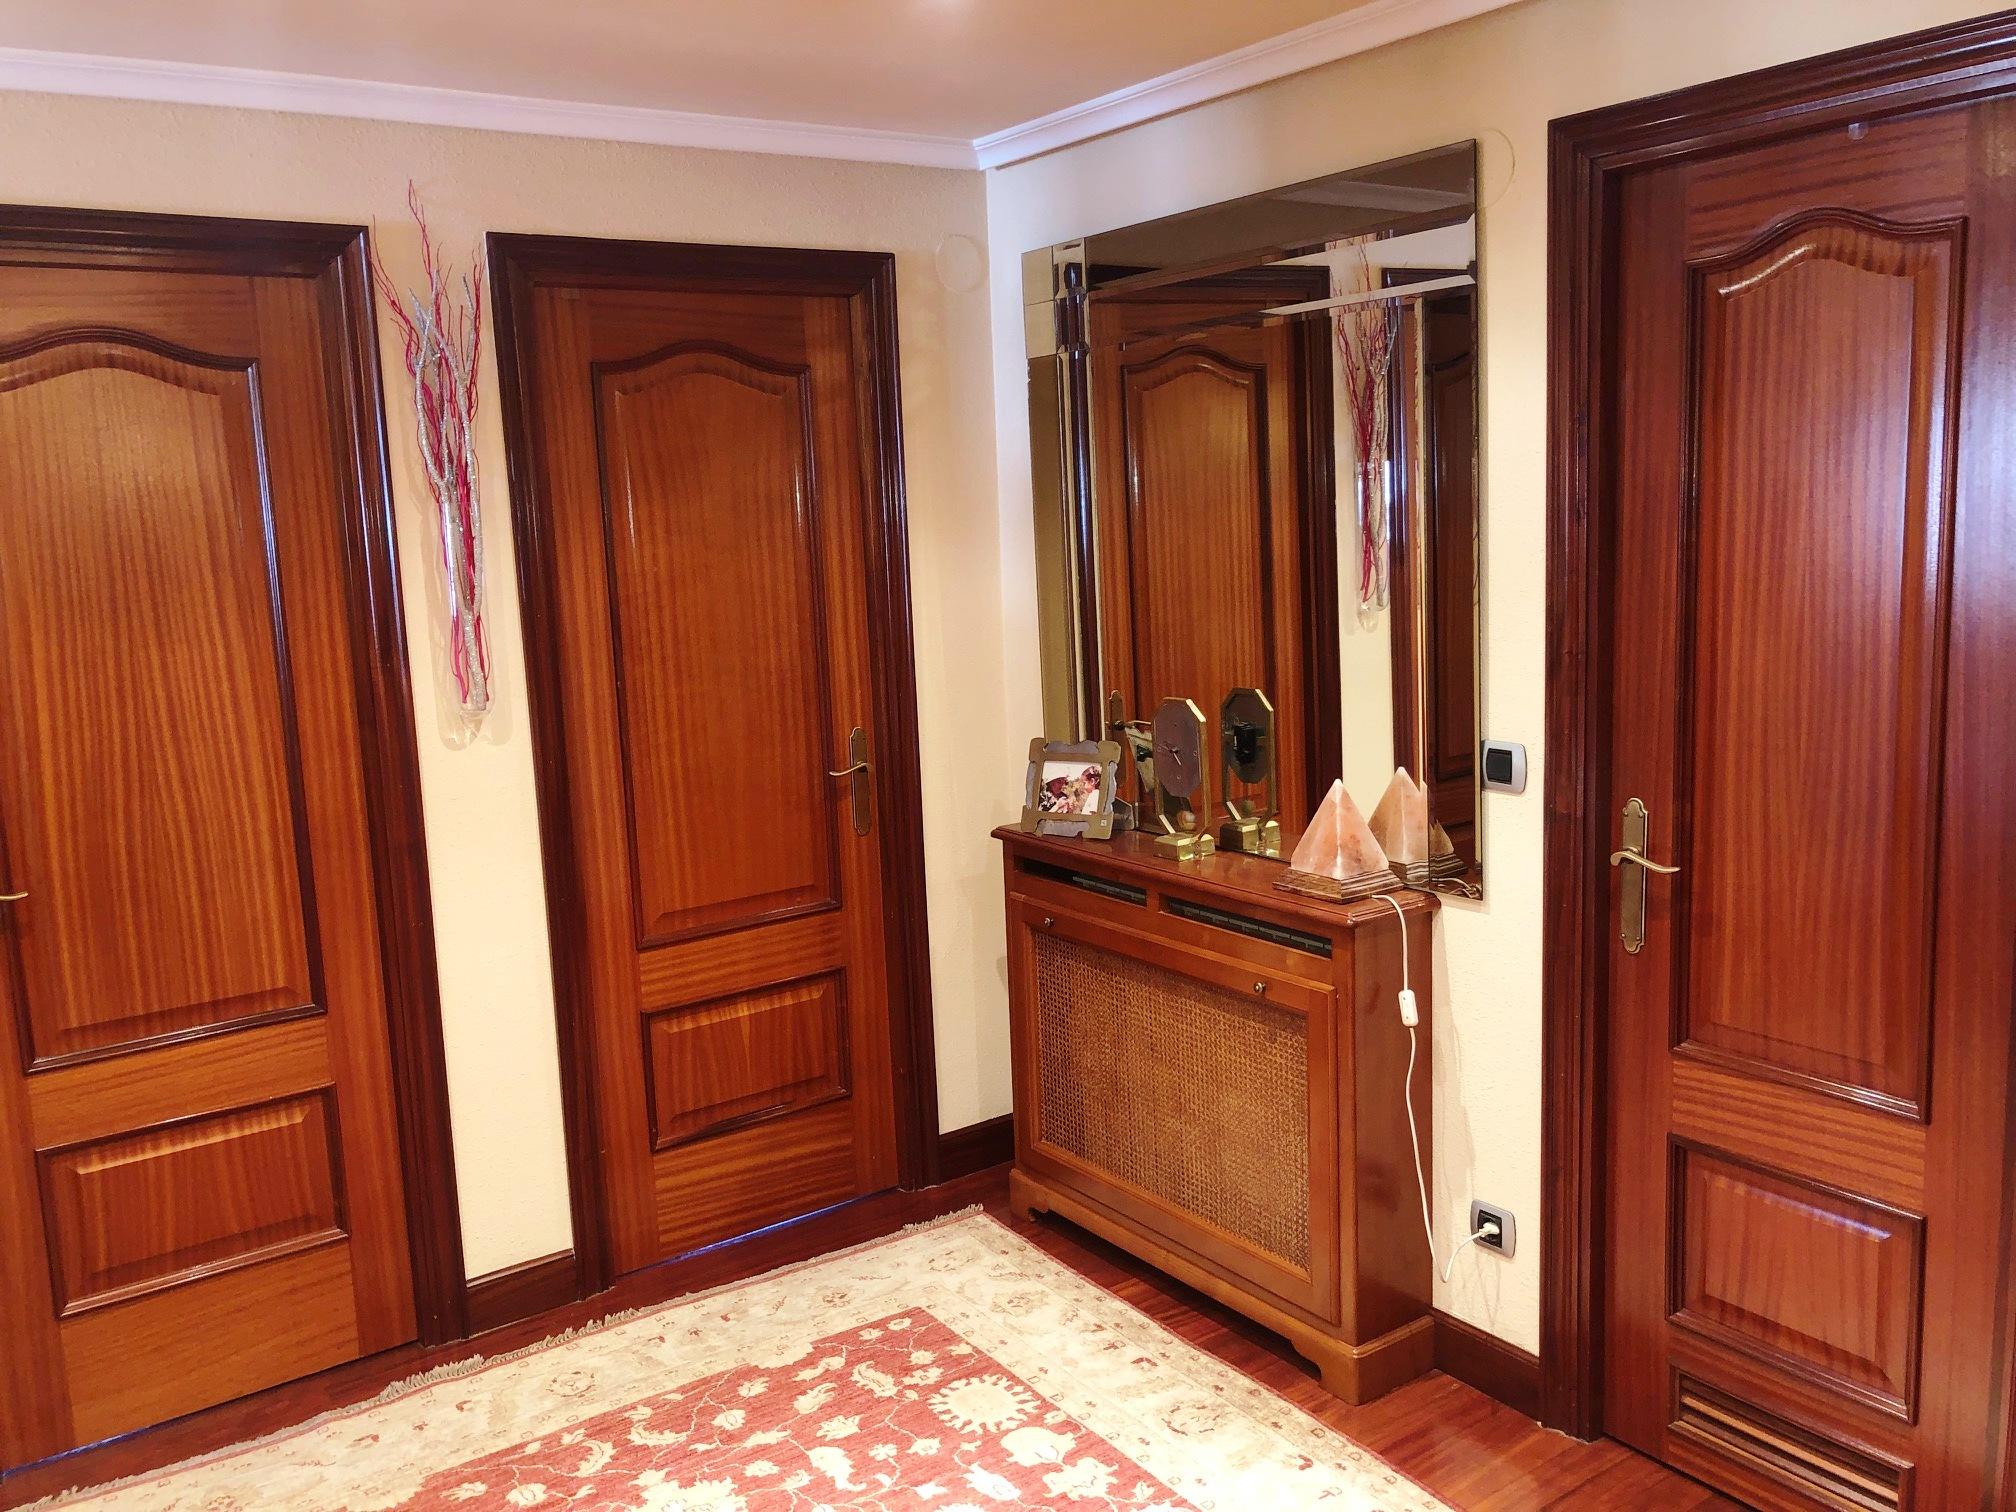 Ideal para gran familia o amantes de grandes espacios!!Duplex,en la calle Fuenterrabia! exterior.Balcon!6 habitaciones,3 baños,gran salon...estupendo!!